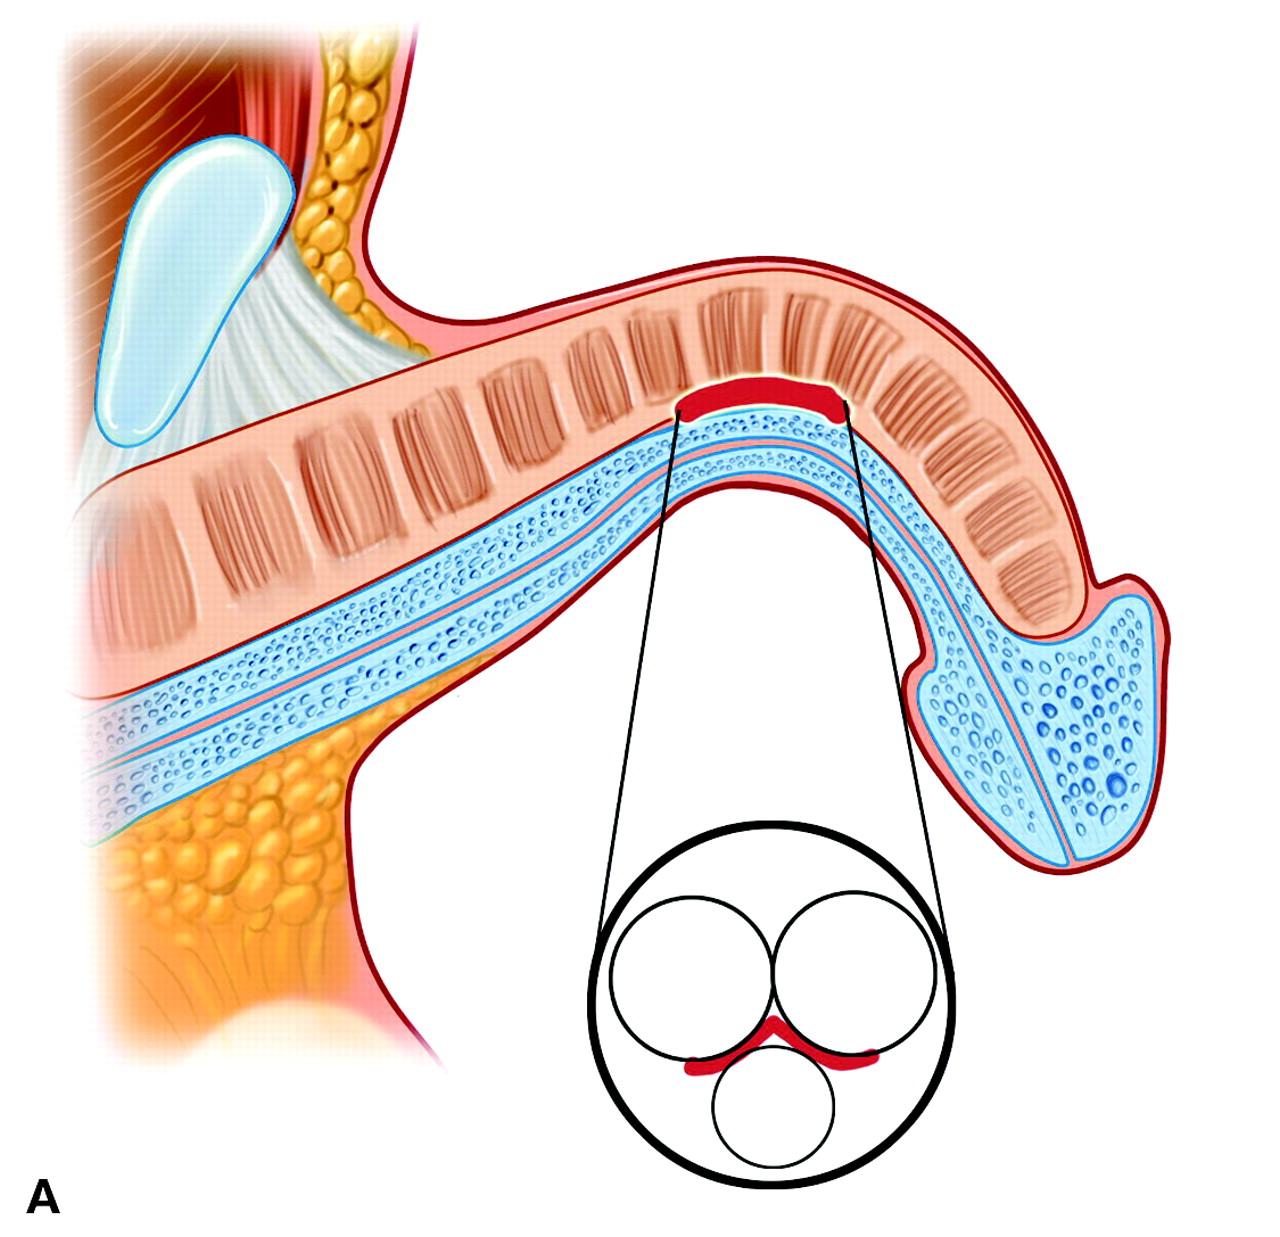 درمان کجی آلت تناسلی یا بیماری پیرونی